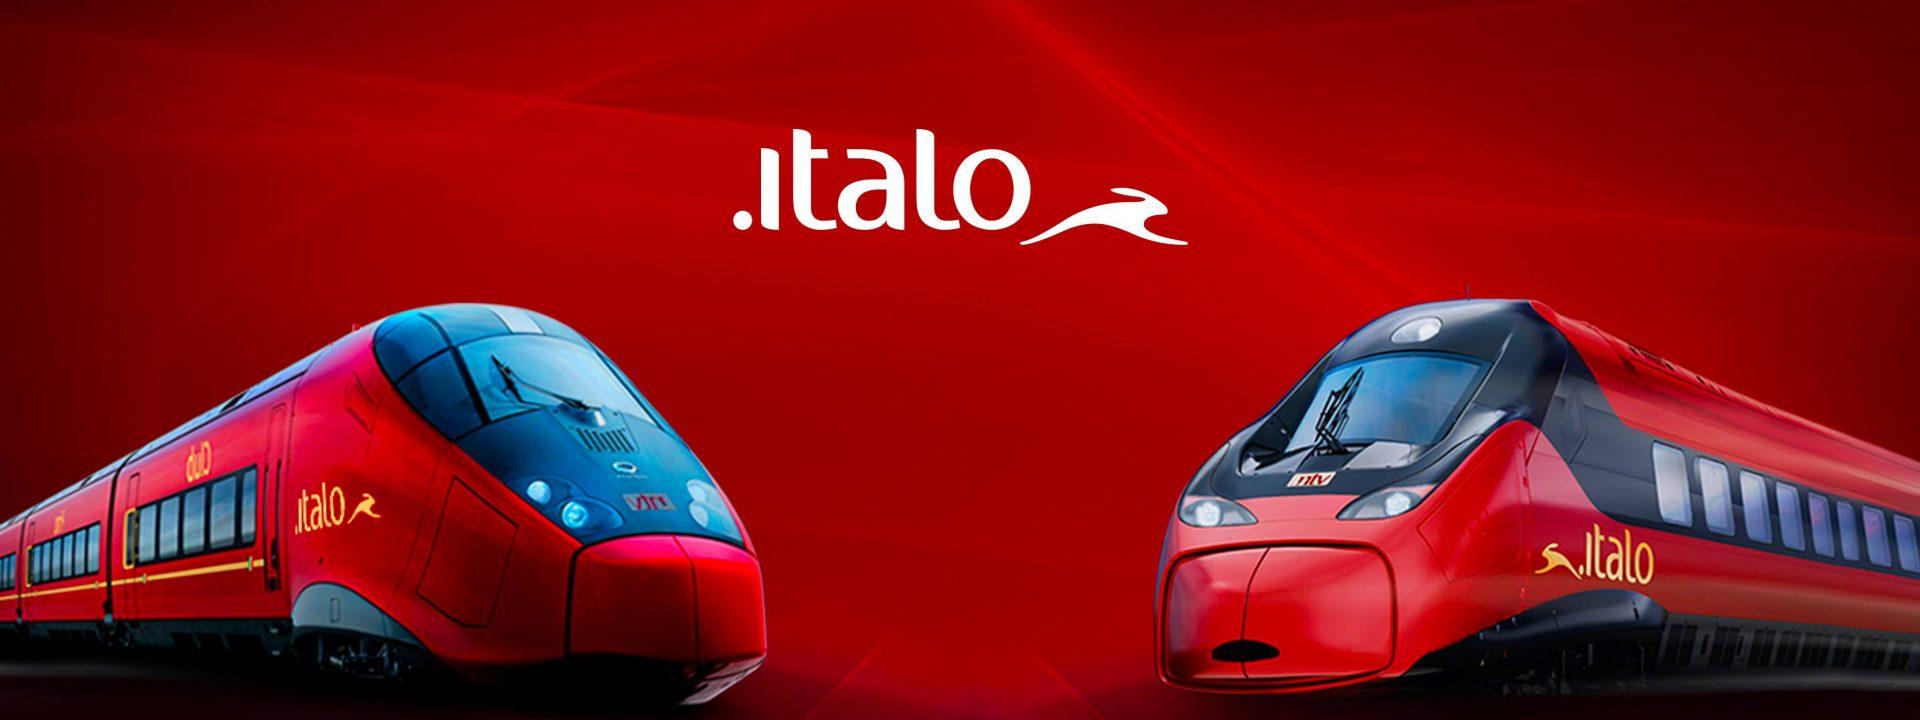 italotreno logo